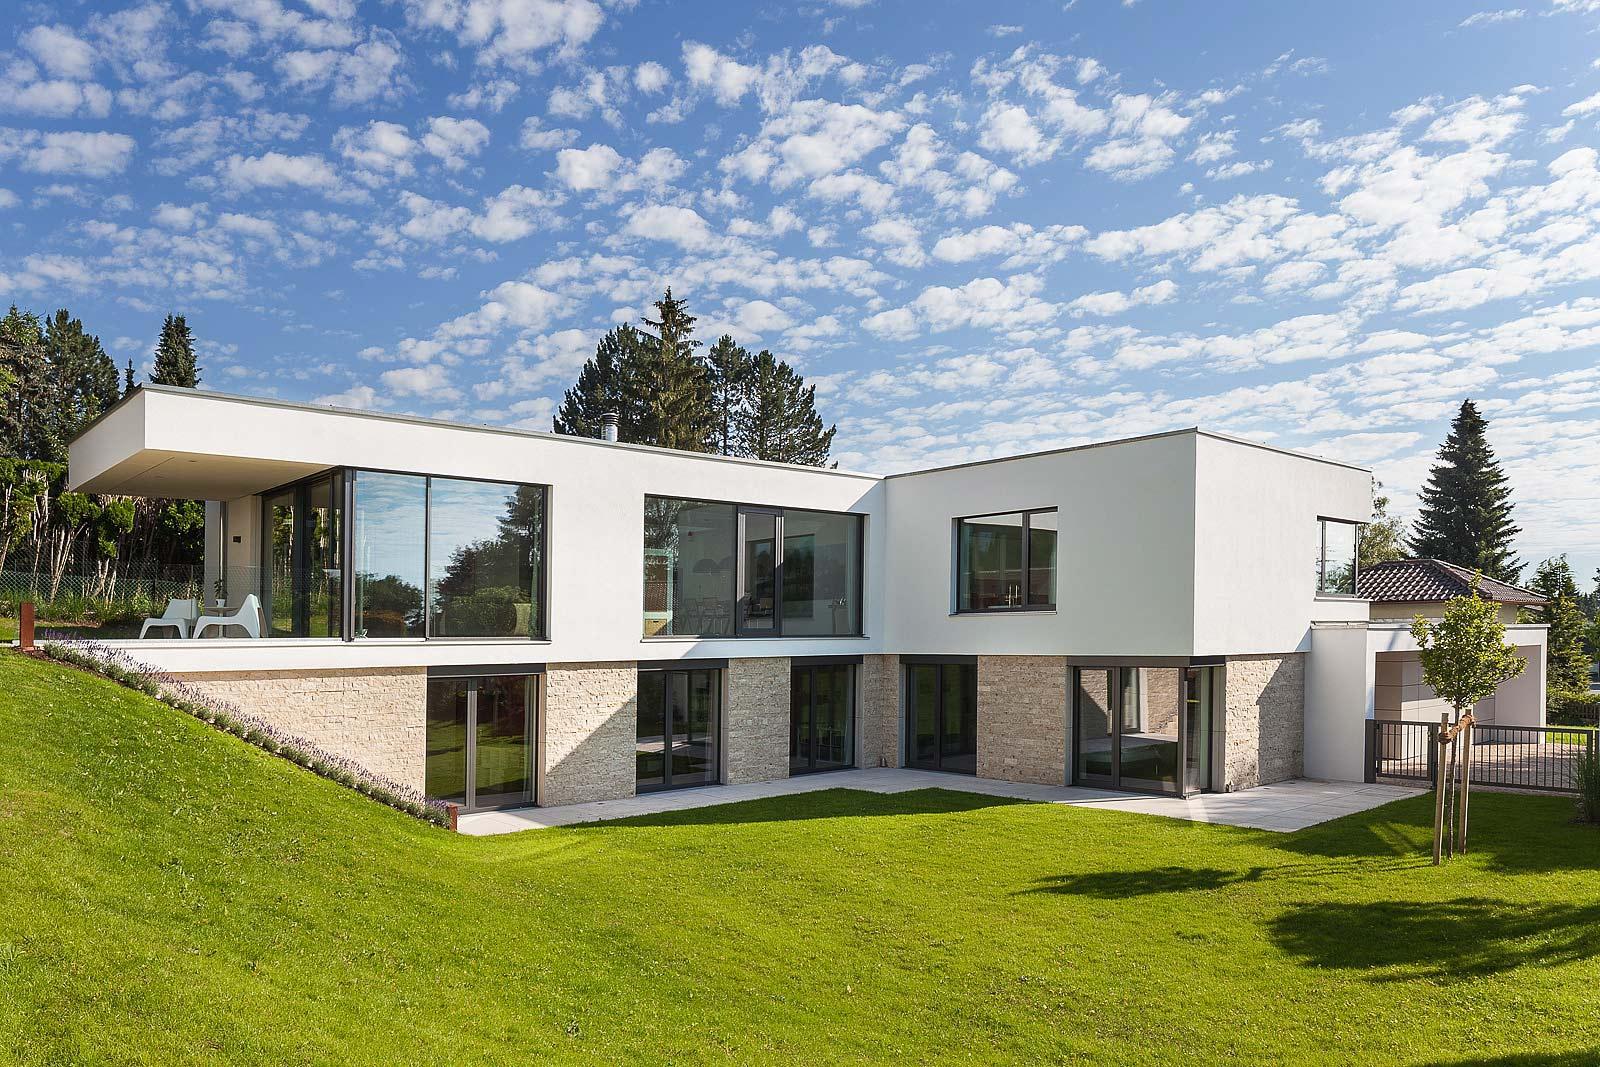 Architektur Fotograf in München, Starnberg Häuser, Aussenansichten